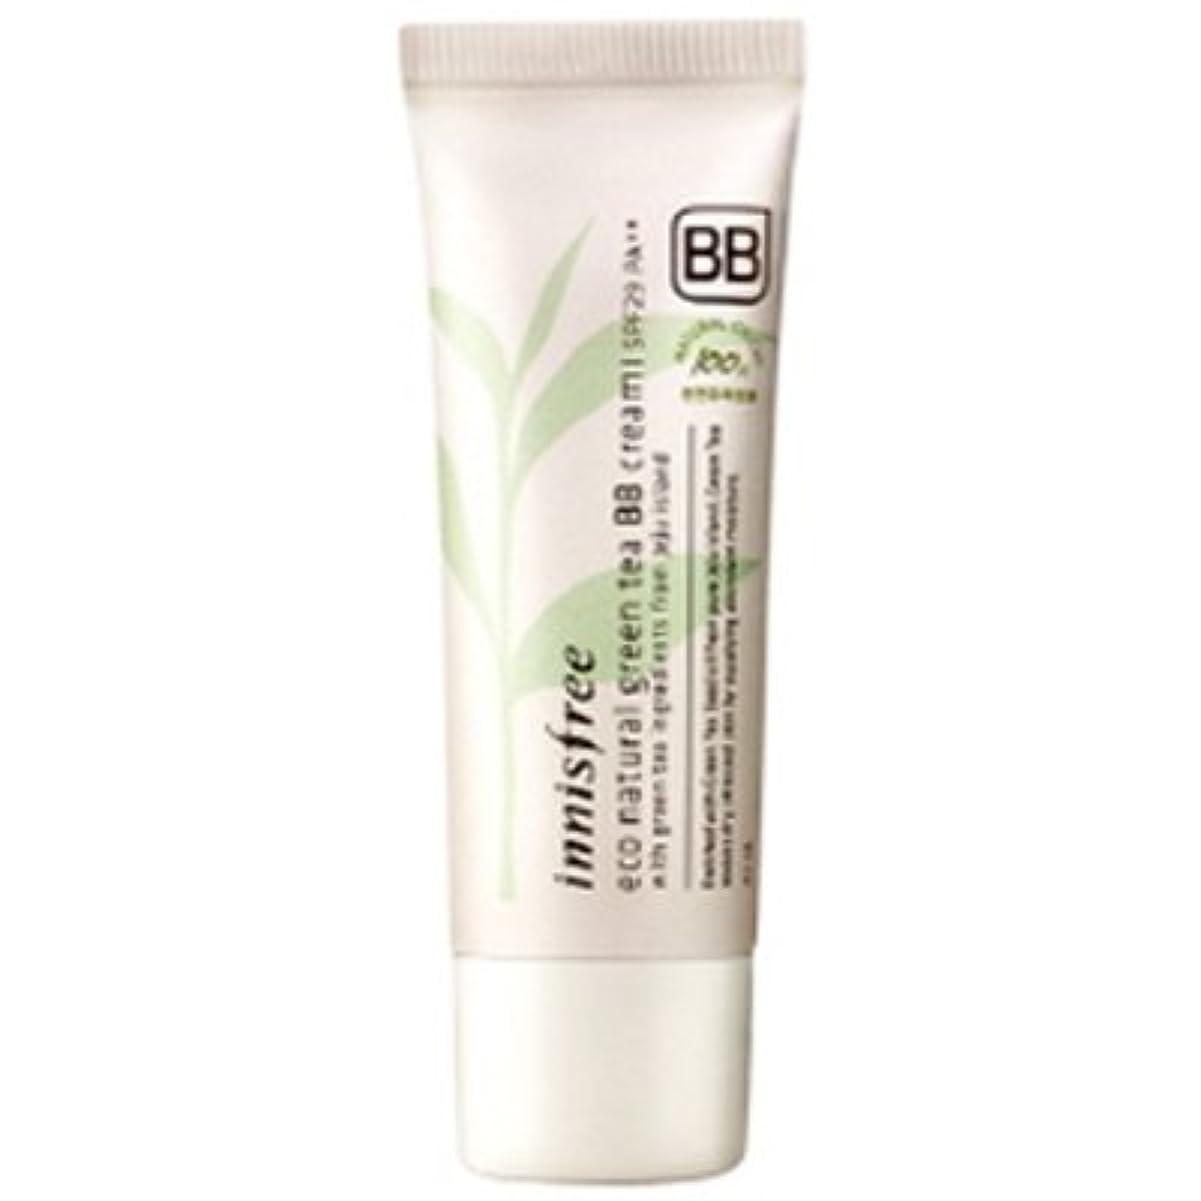 チャーター敵ウェーハinnisfree(イニスフリー) Eco natural green tea BB cream エコ ナチュラル グリーン ティー BB クリーム SPF29/PA++ 40ml #1:ライトベージュ